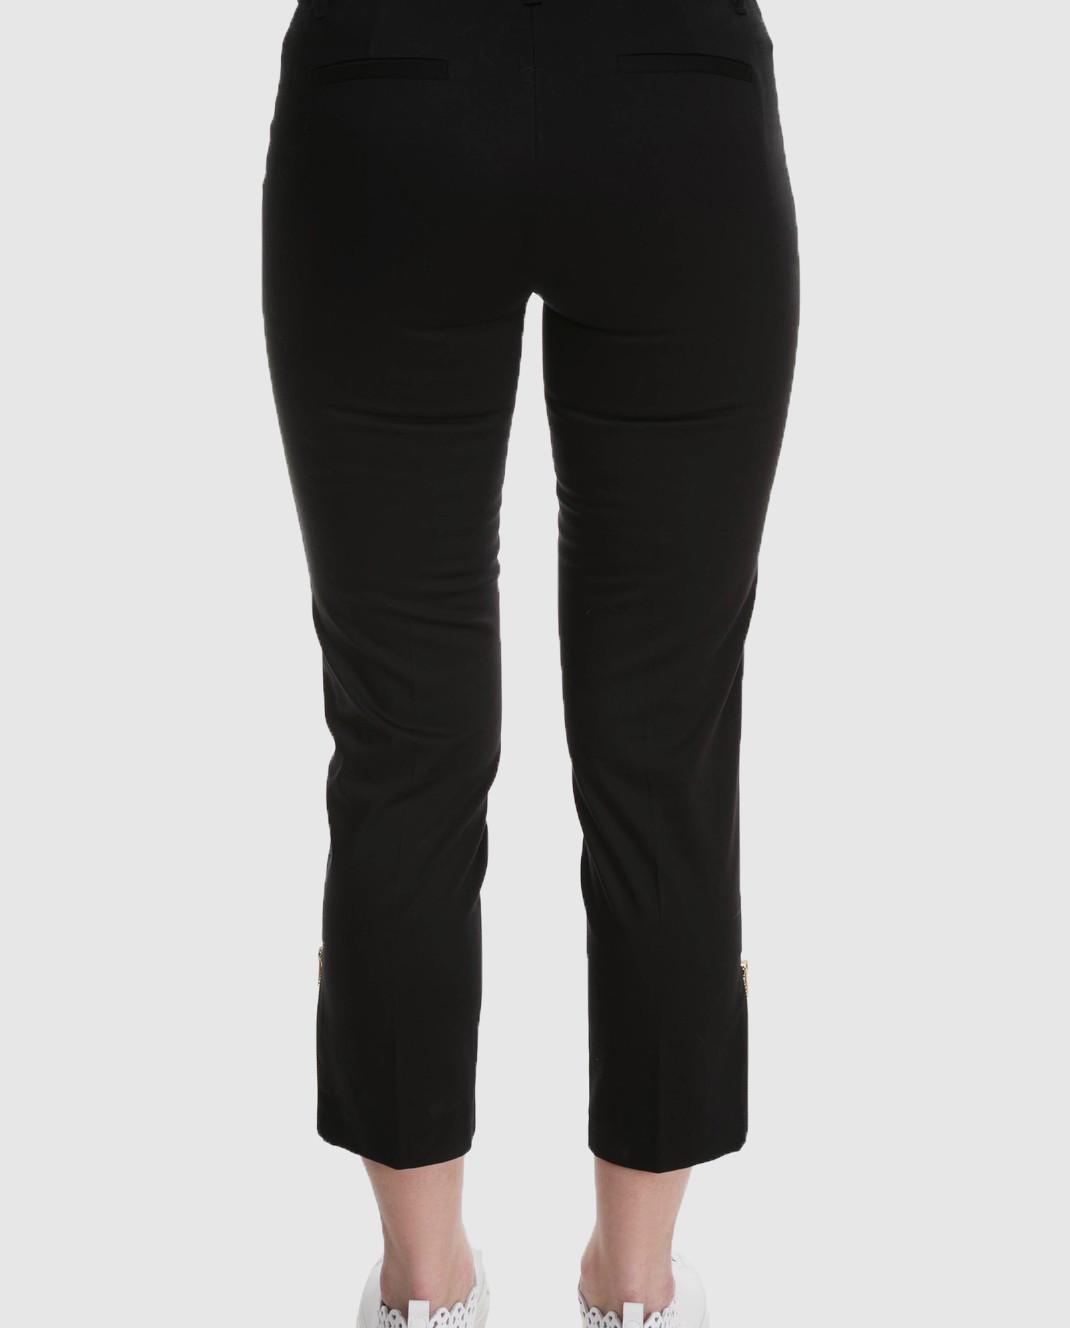 Twin Set Черные брюки TS826B изображение 4